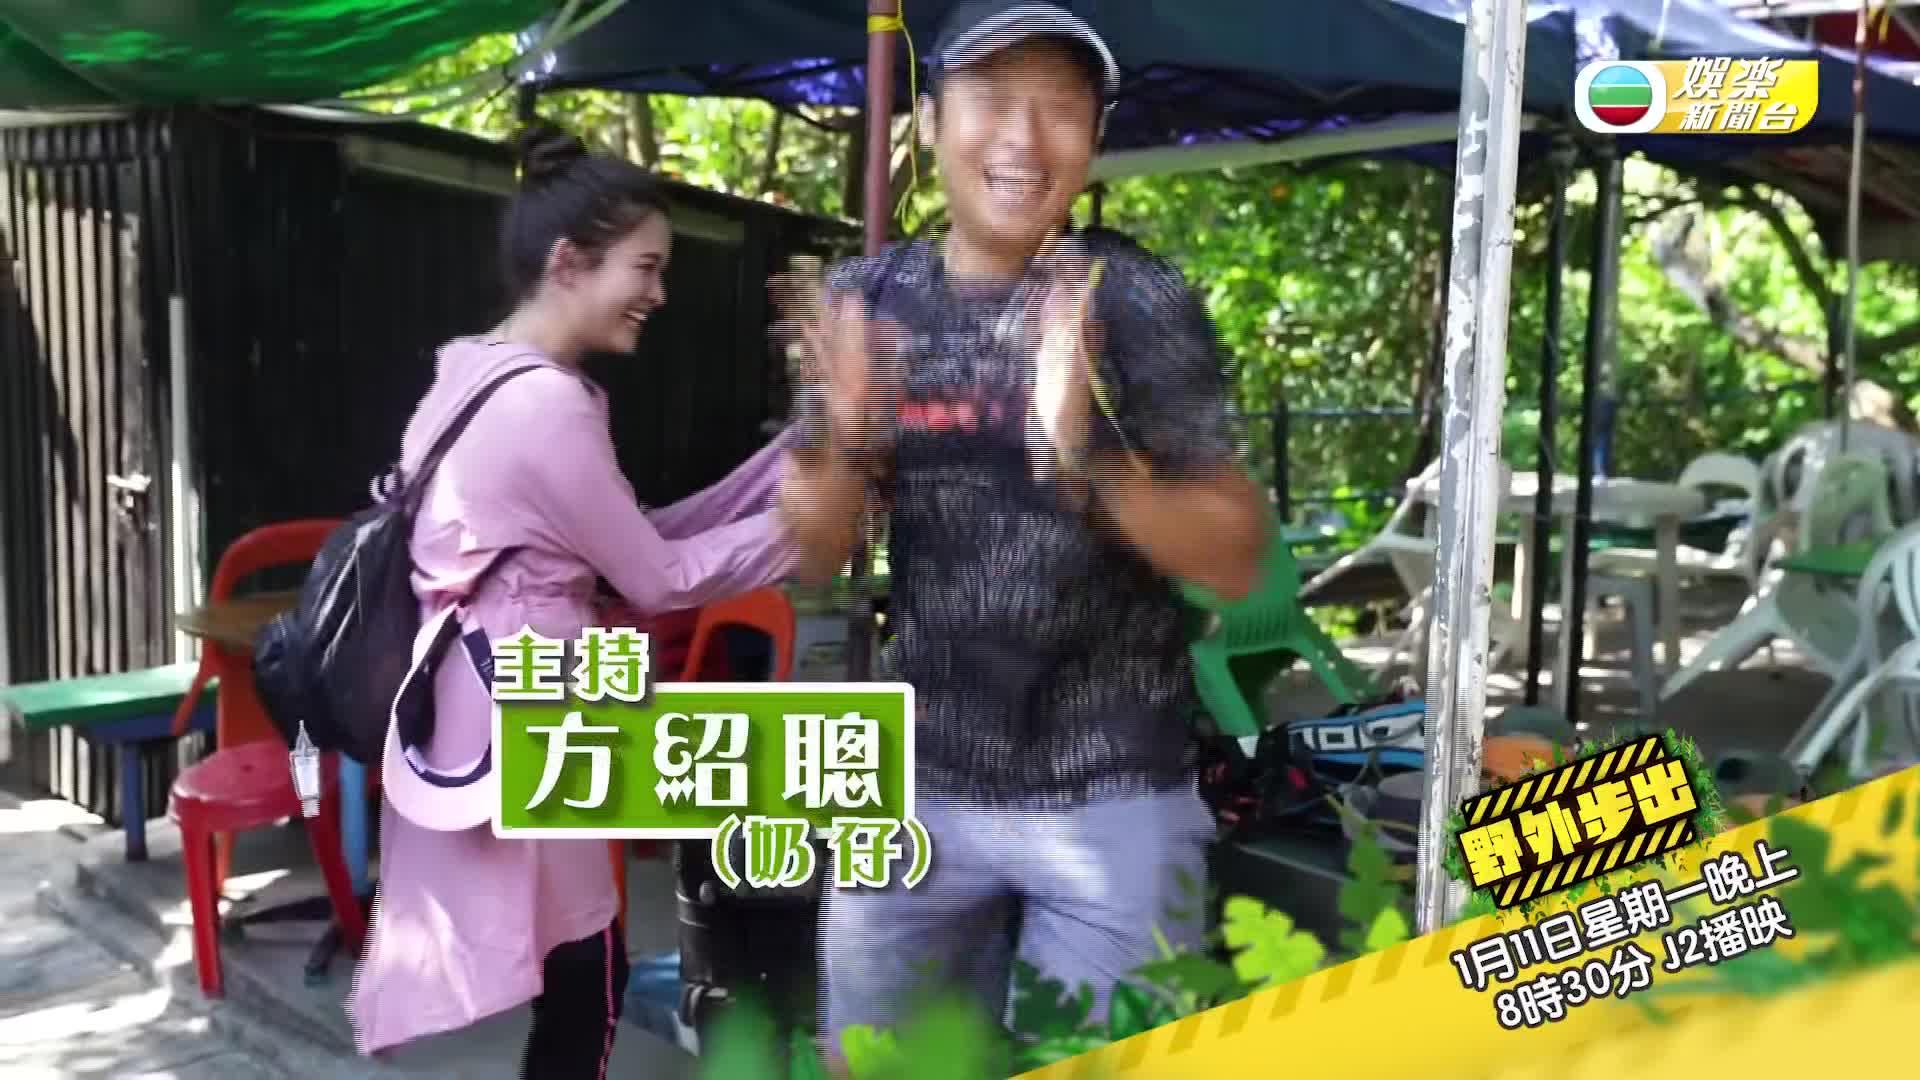 【娛樂新聞台】J2新節目《野外步出》1月11日首播